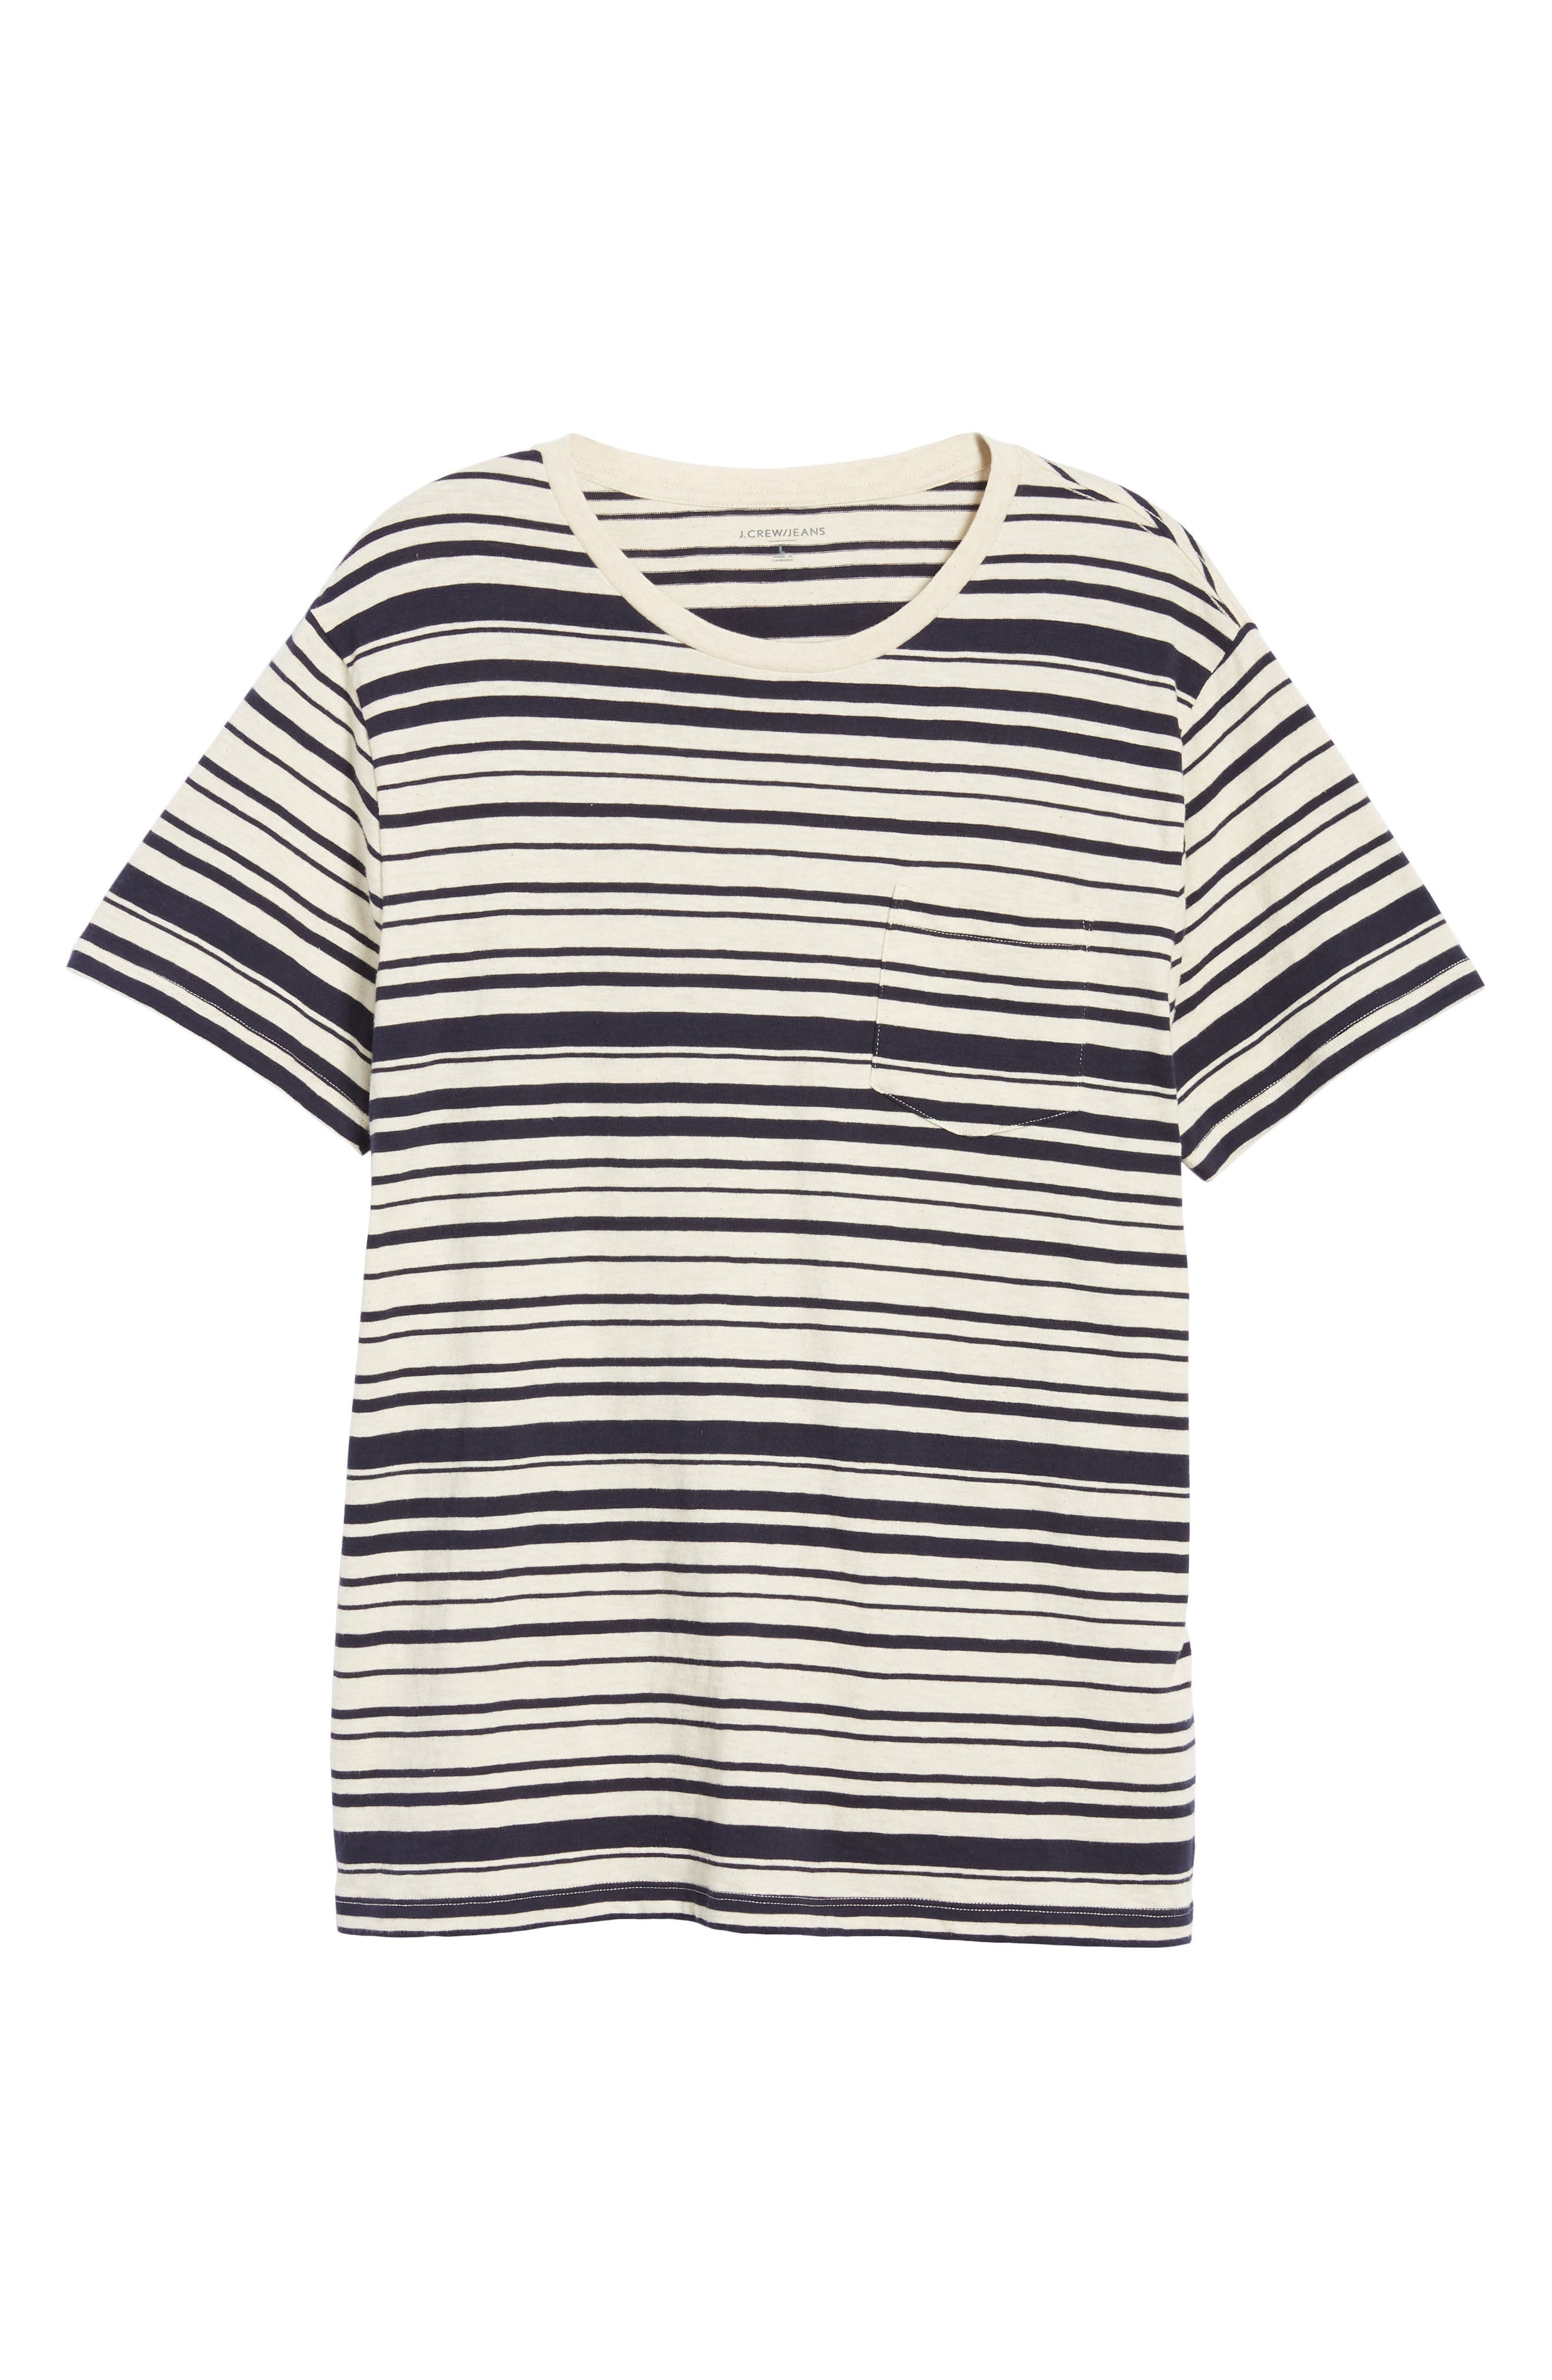 Variegated Stripe Slub Cotton T-Shirt,                             Alternate thumbnail 6, color,                             400